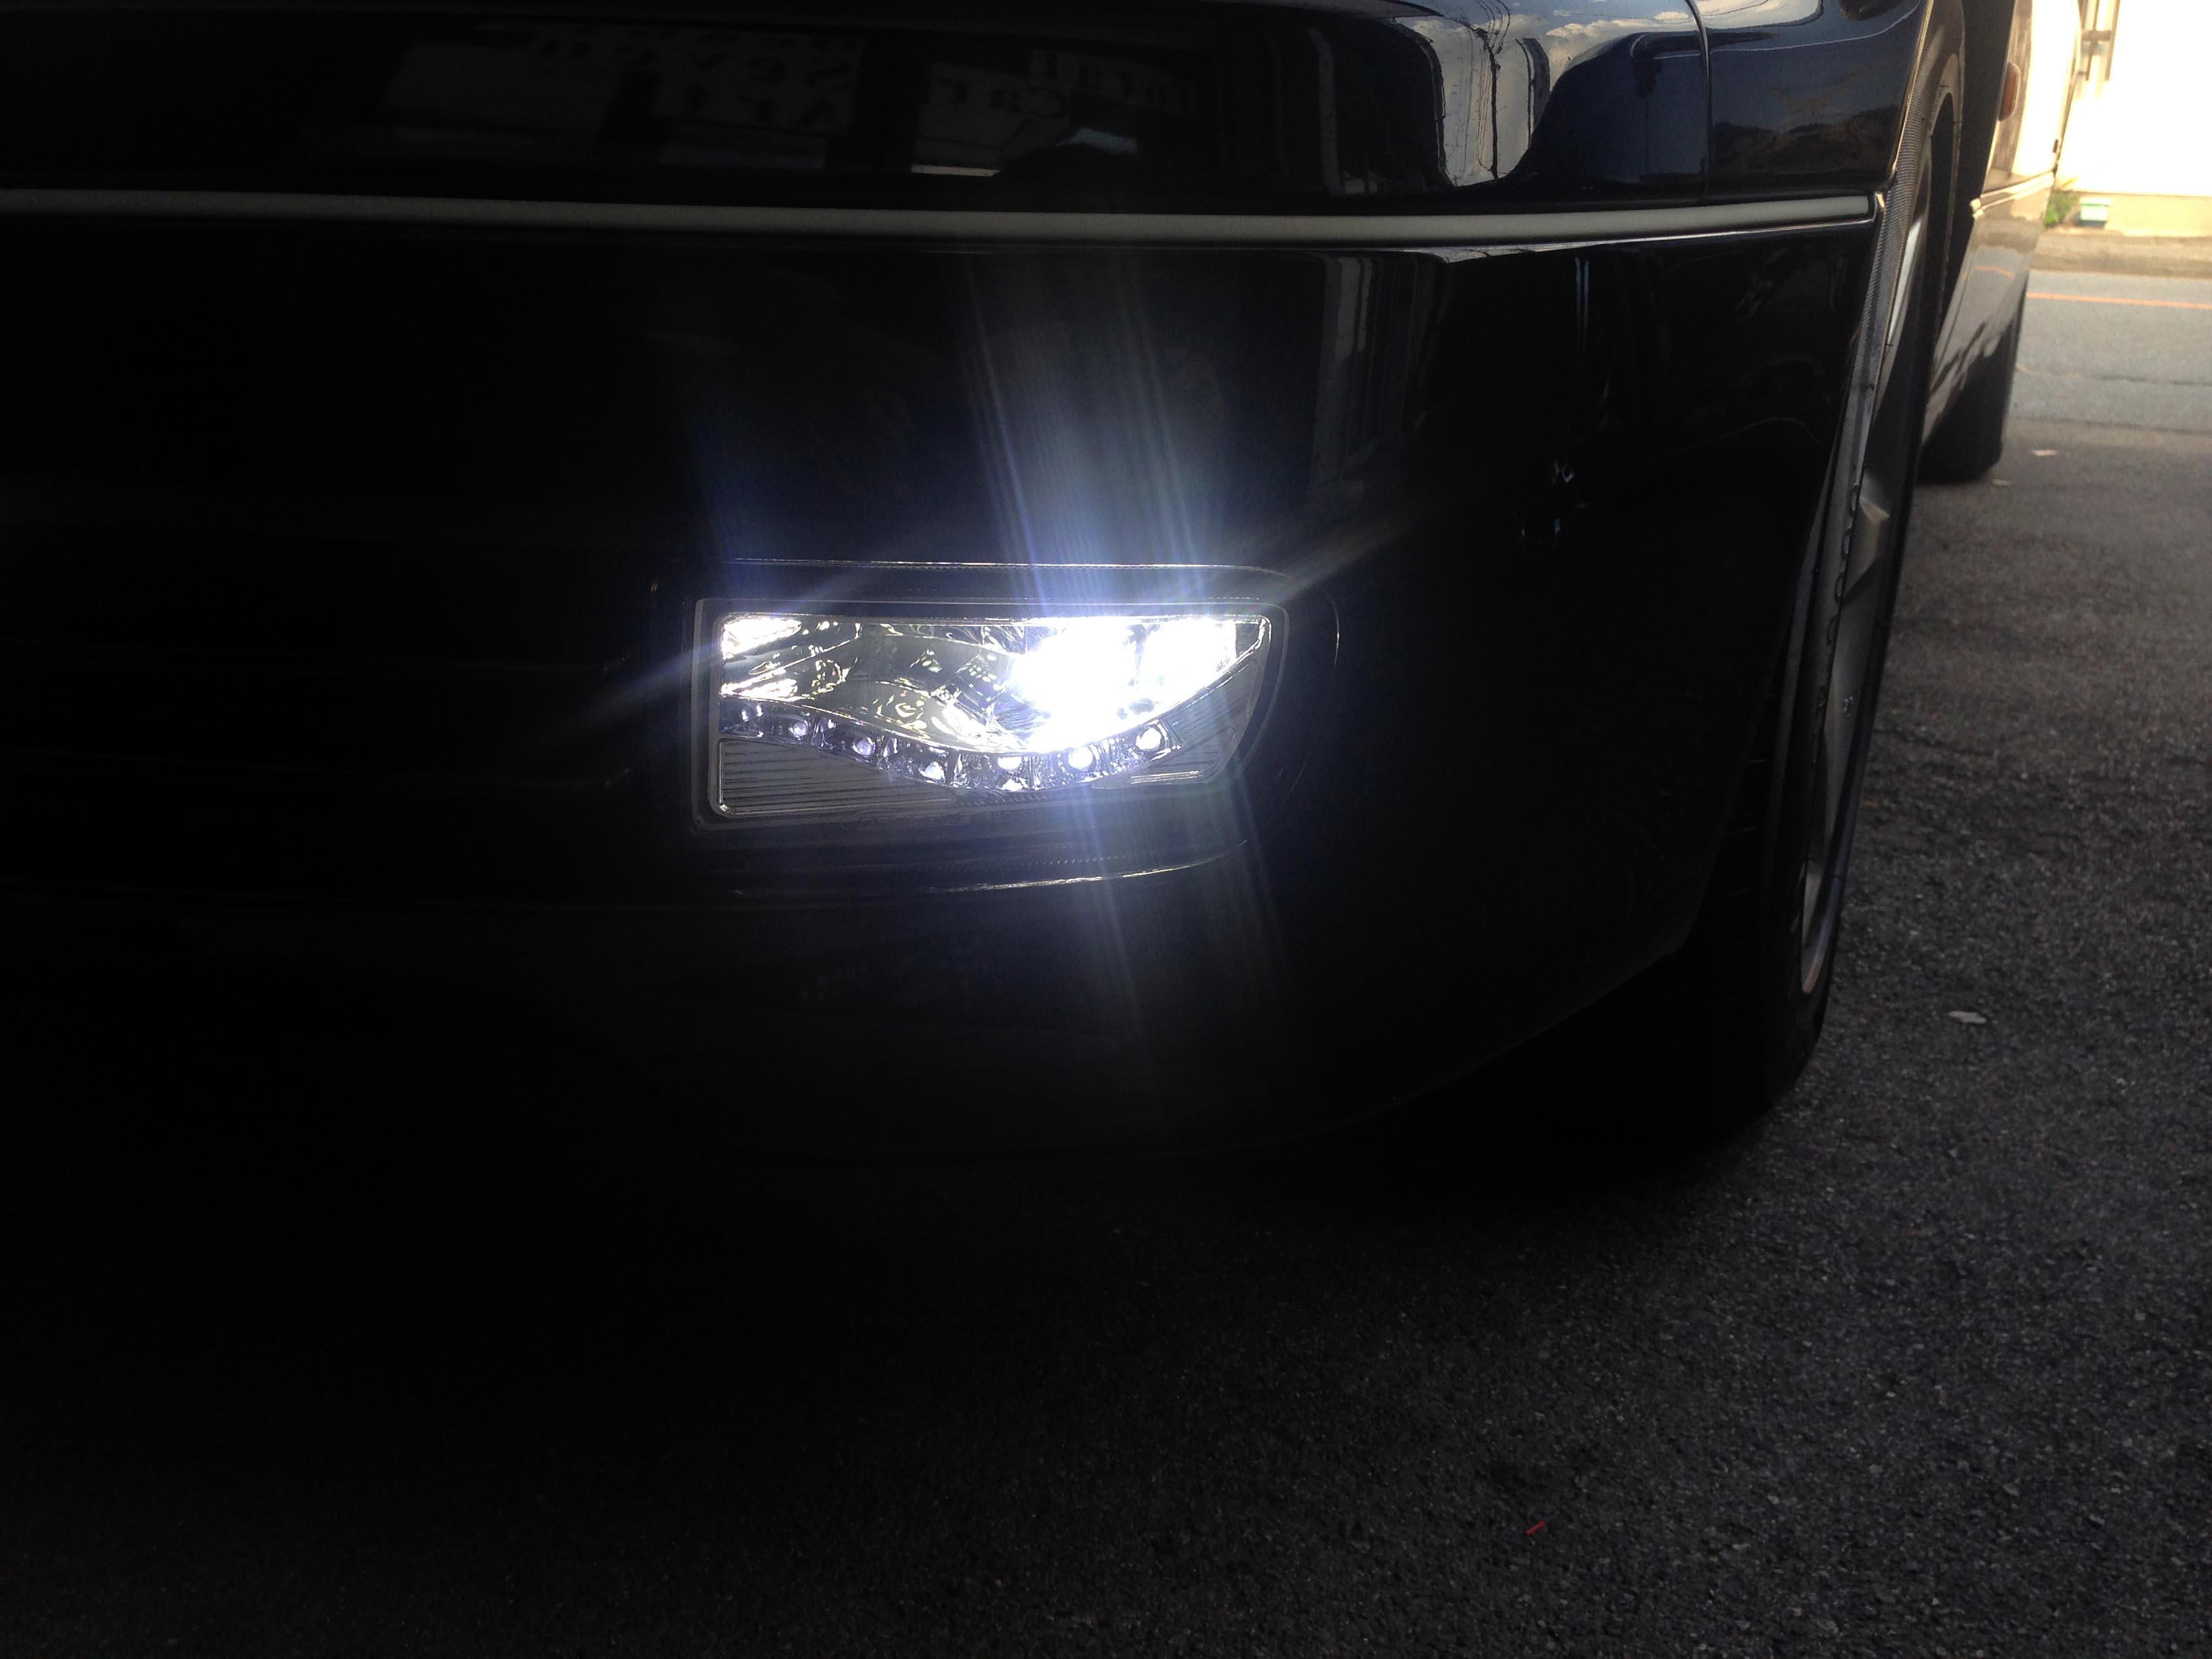 トヨタアリストデイライト内蔵LEDフォグランプキット取り付け後フォグランプ点灯